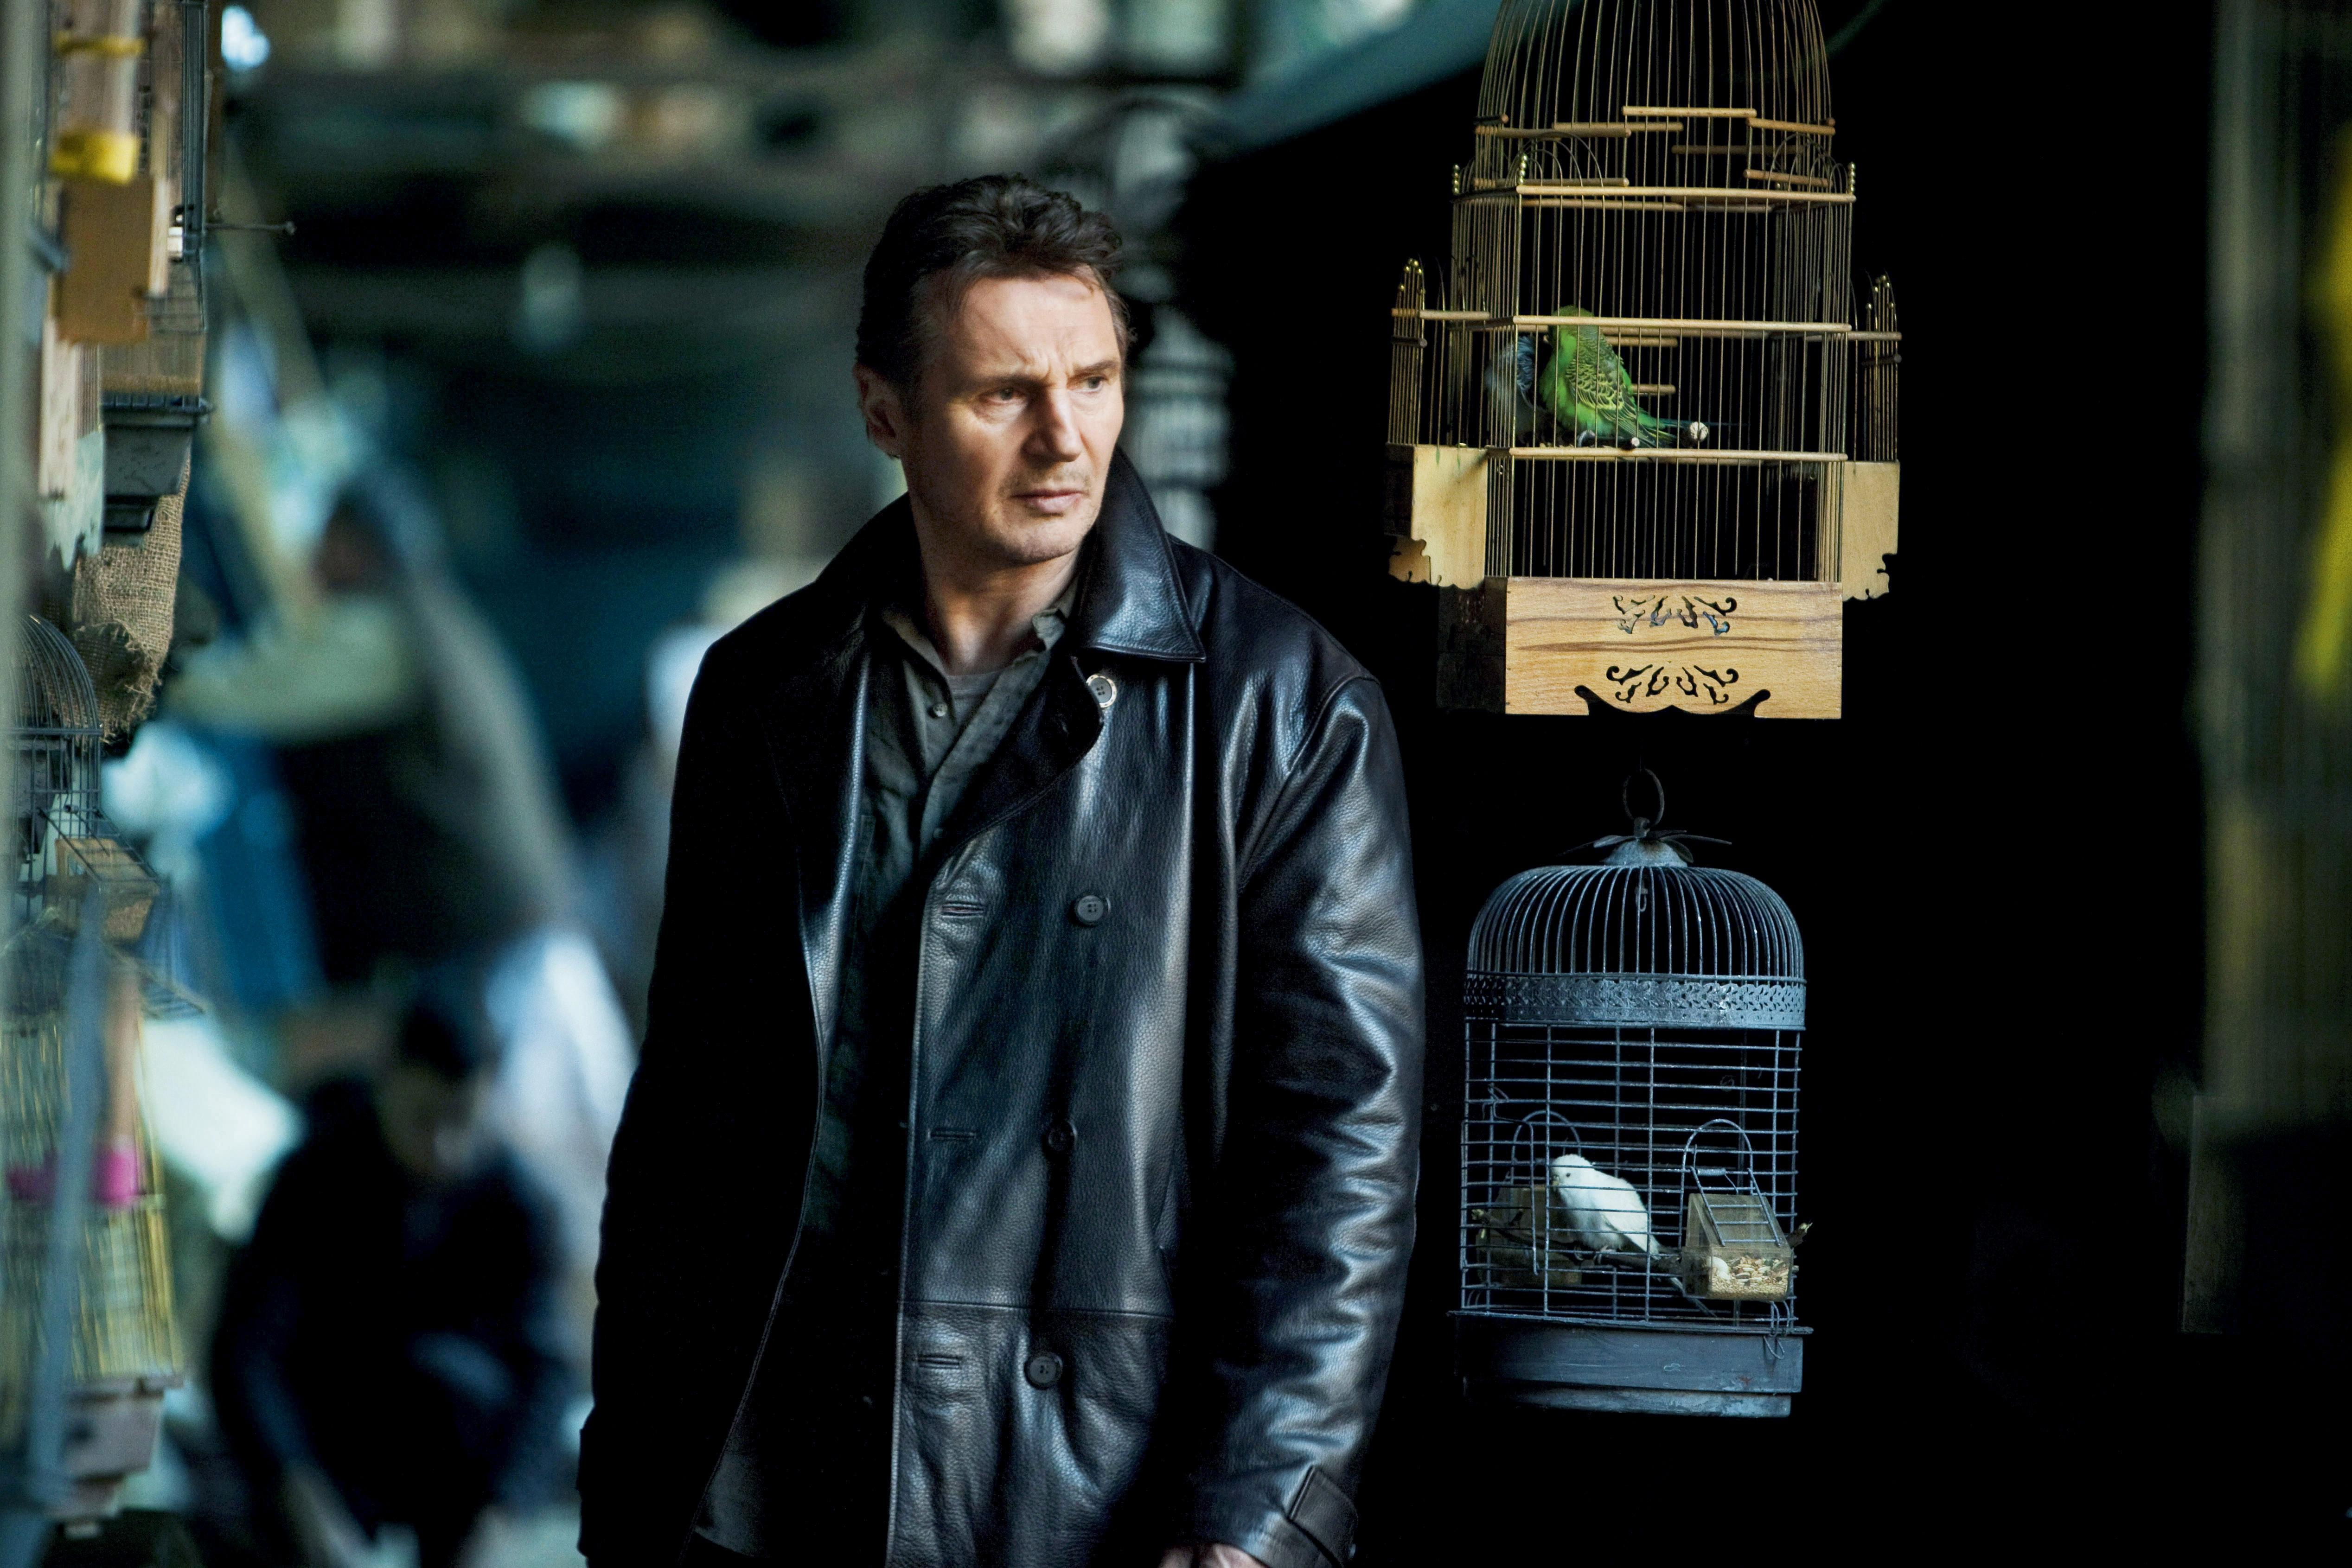 кадры из фильма Заложница 2 Лиам Нисон,